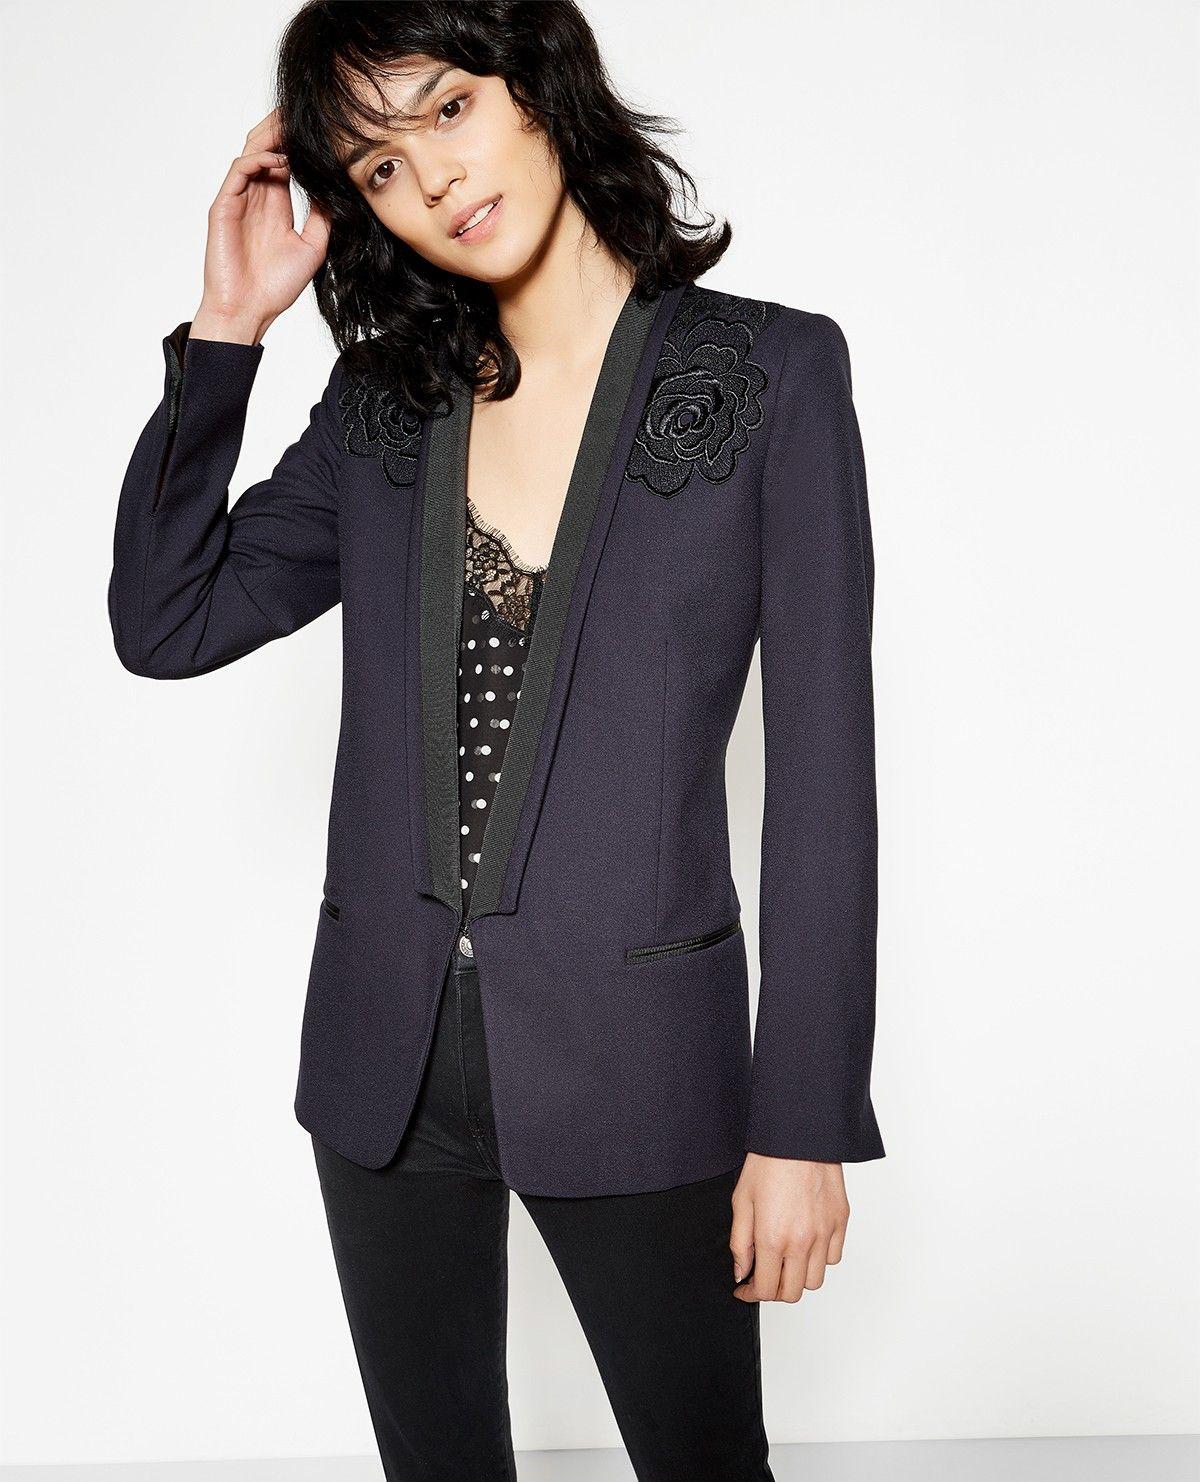 the kooples france veste tailleur femme bleu marine brod e wish pinterest veste tailleur. Black Bedroom Furniture Sets. Home Design Ideas